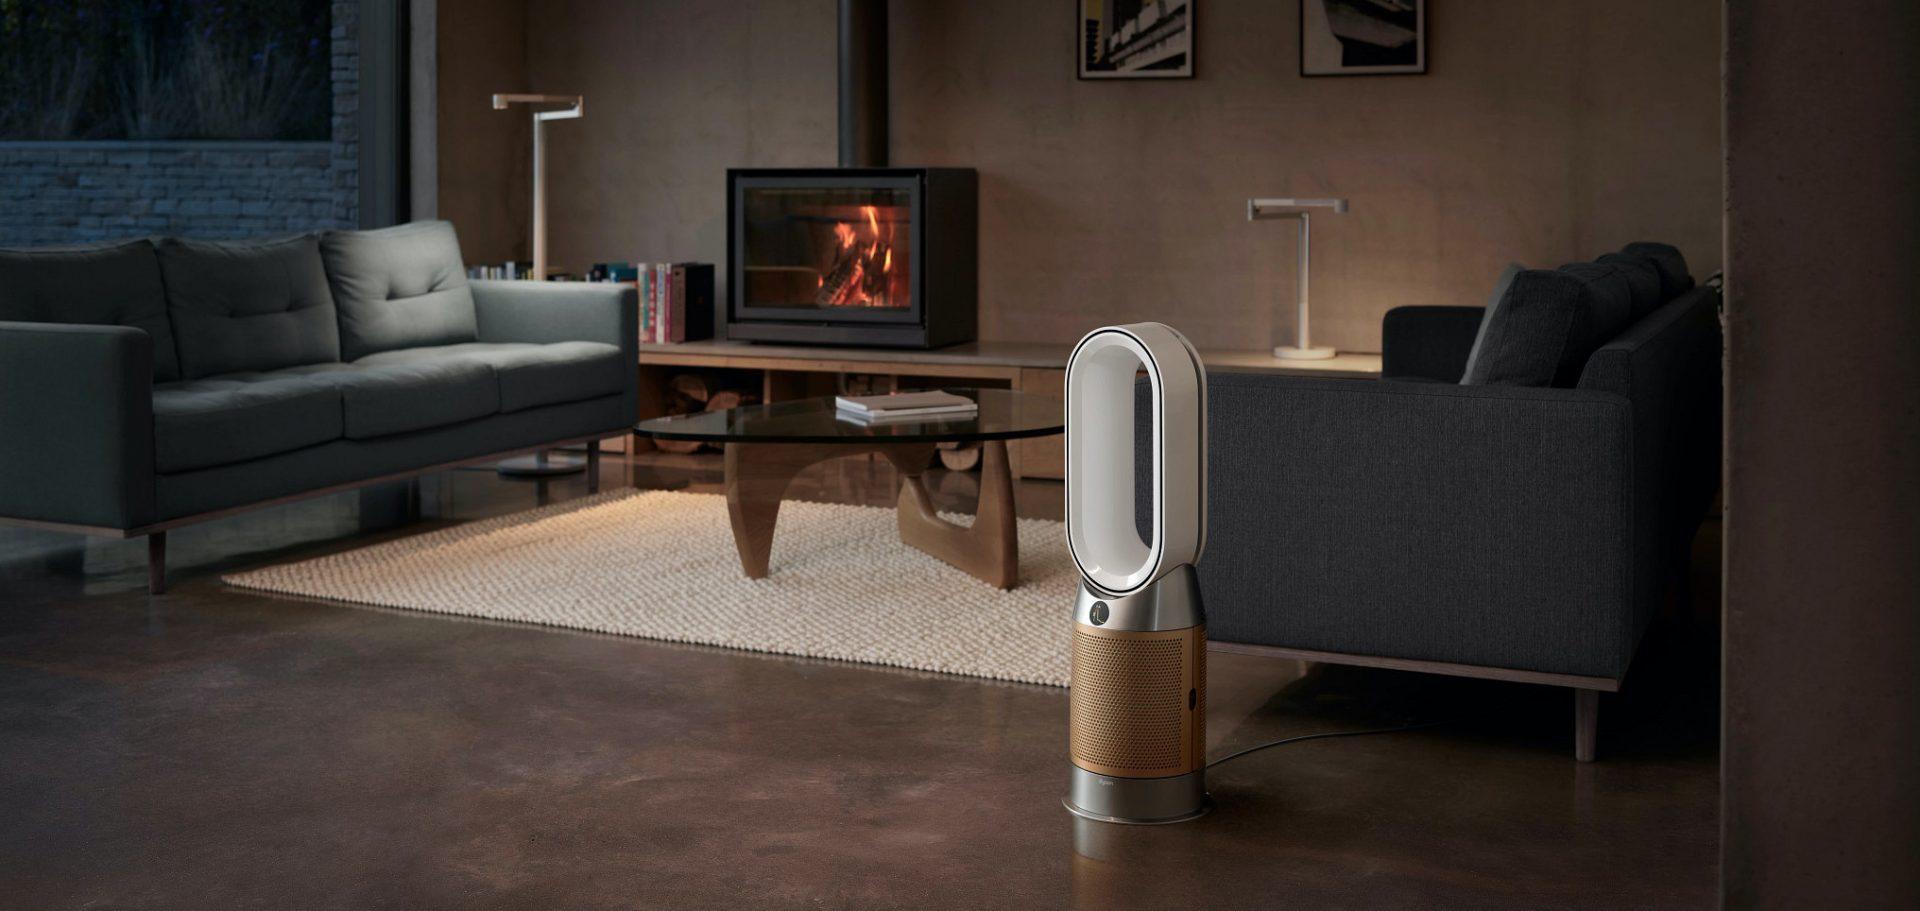 Dyson Hot+Cool air purifier formaldehyde